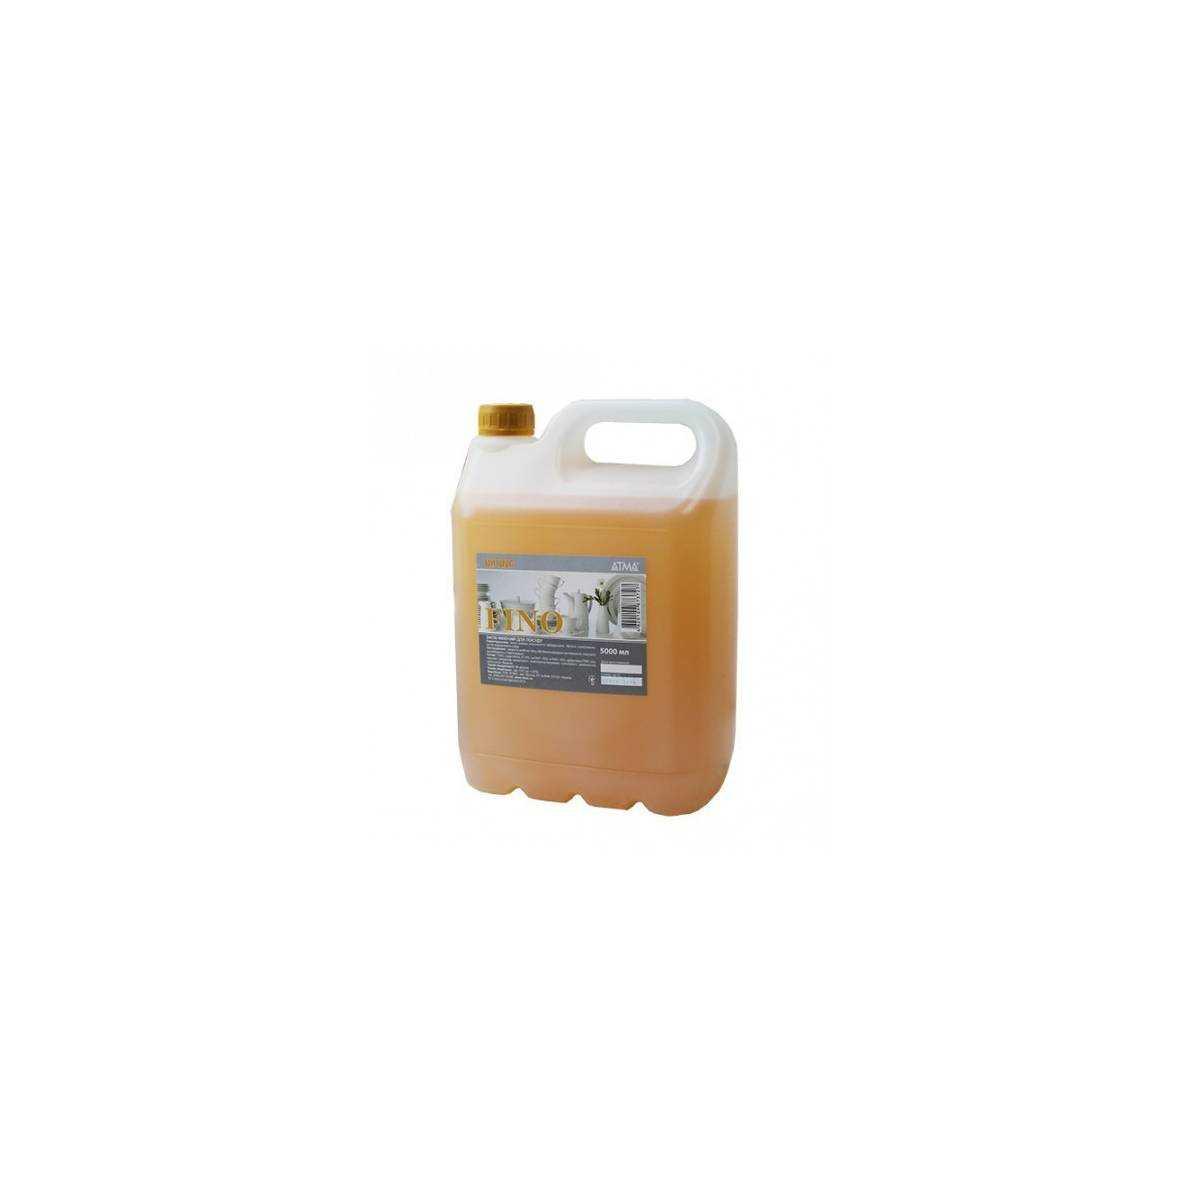 Средство для ручного мытья посуды FINO 5л  DW 145000 Атма